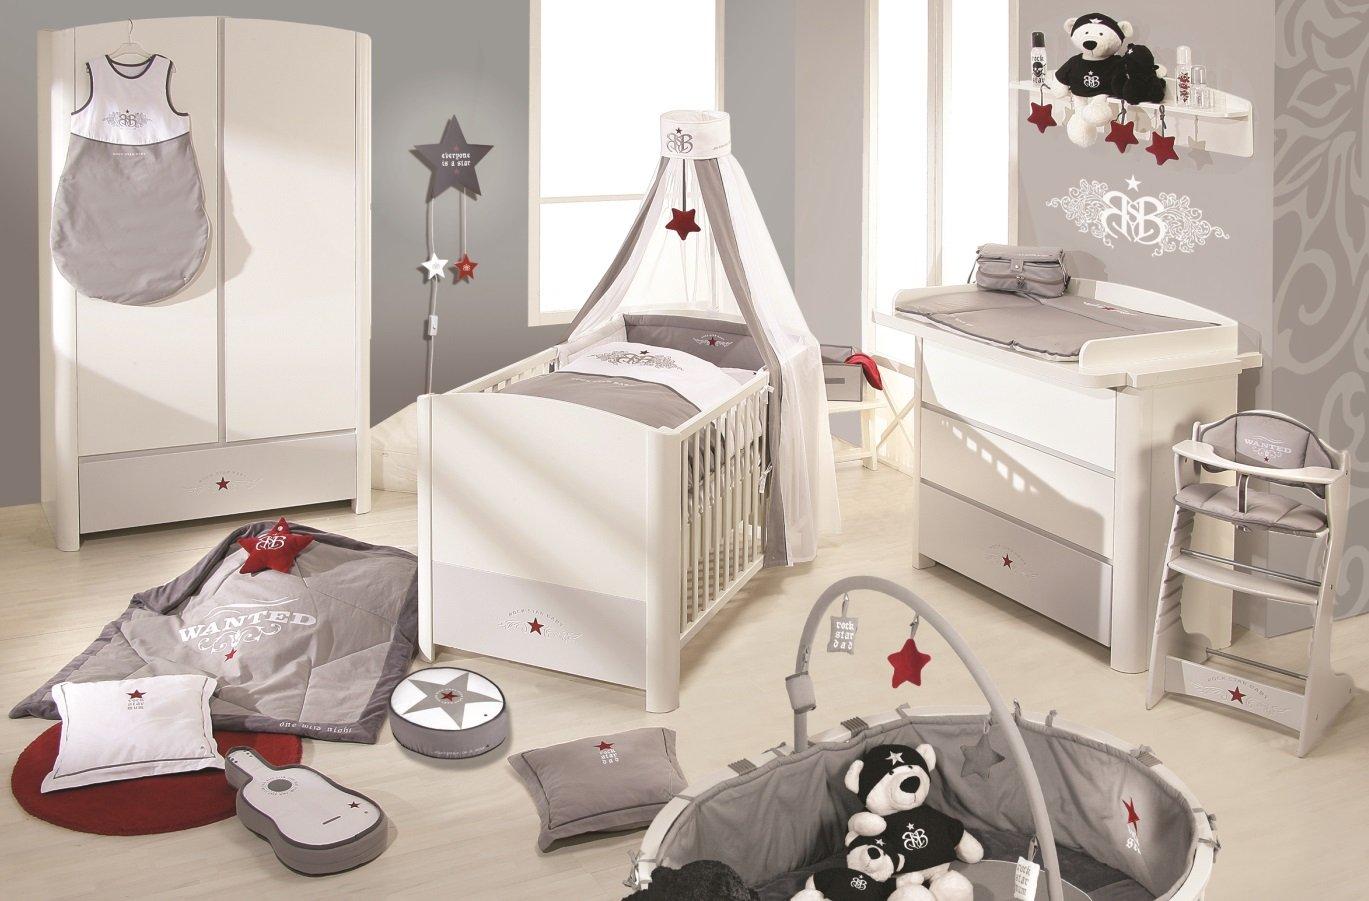 Roba 38101 - RSB Kinderzimmer Komplett-Set mit 3-türigem Schrank, Wickelkommode und Bett (ohne Textilien)